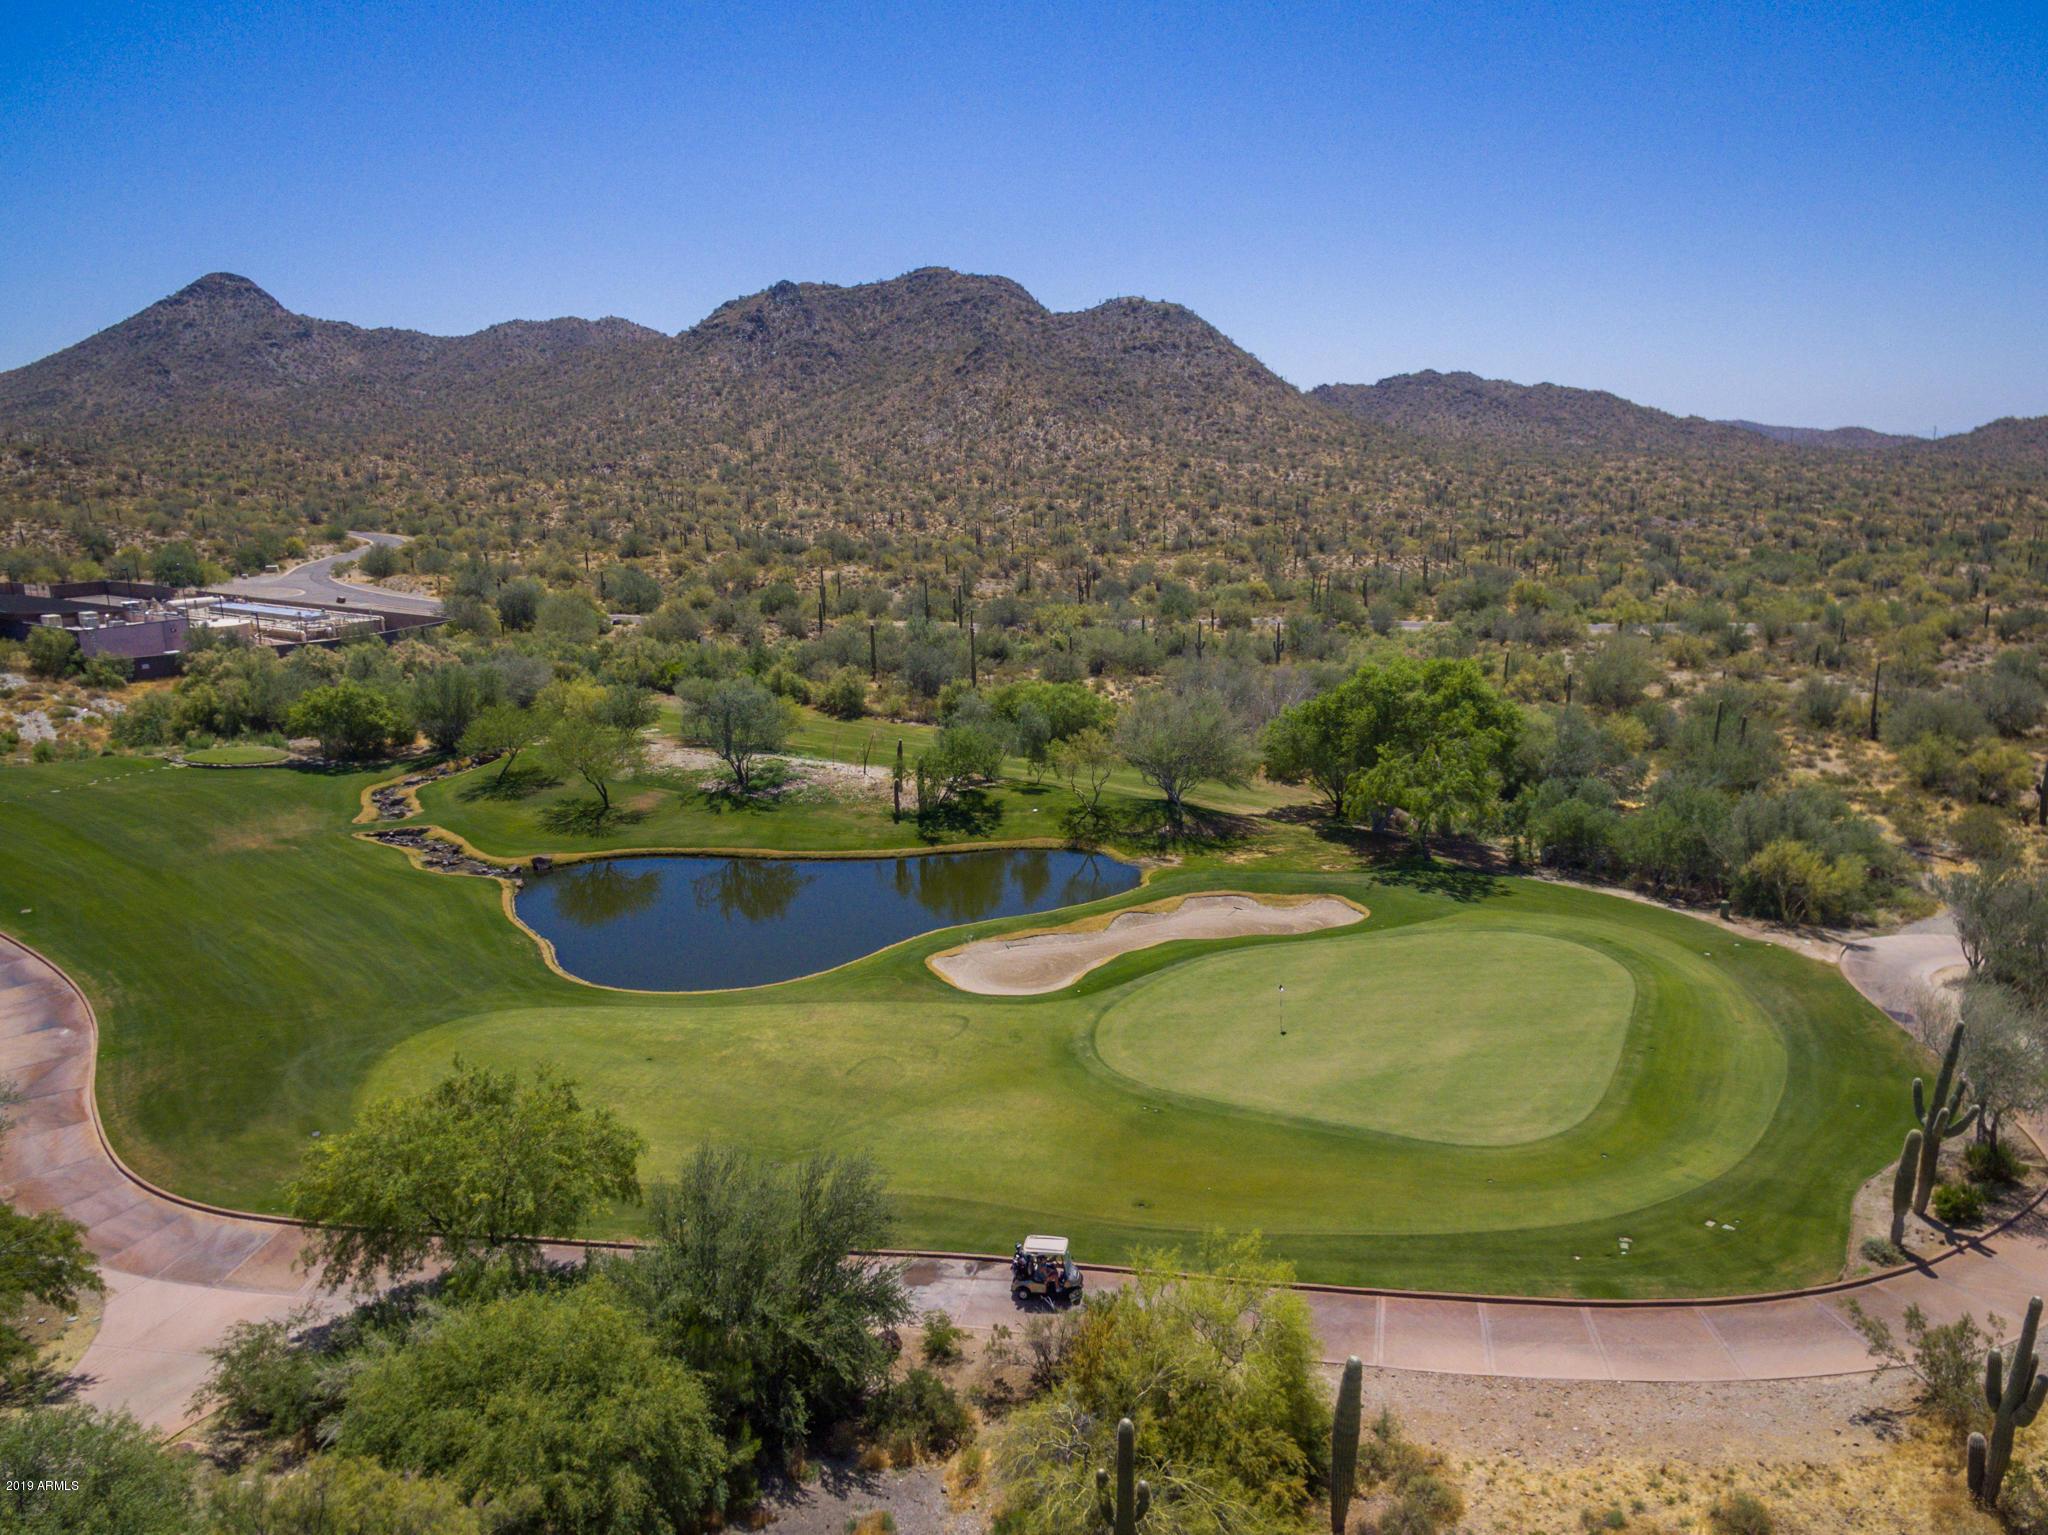 16329 W SERENITY Lane, Peoria, AZ 85383 (MLS# 5935939) - Peoria AZ Homes